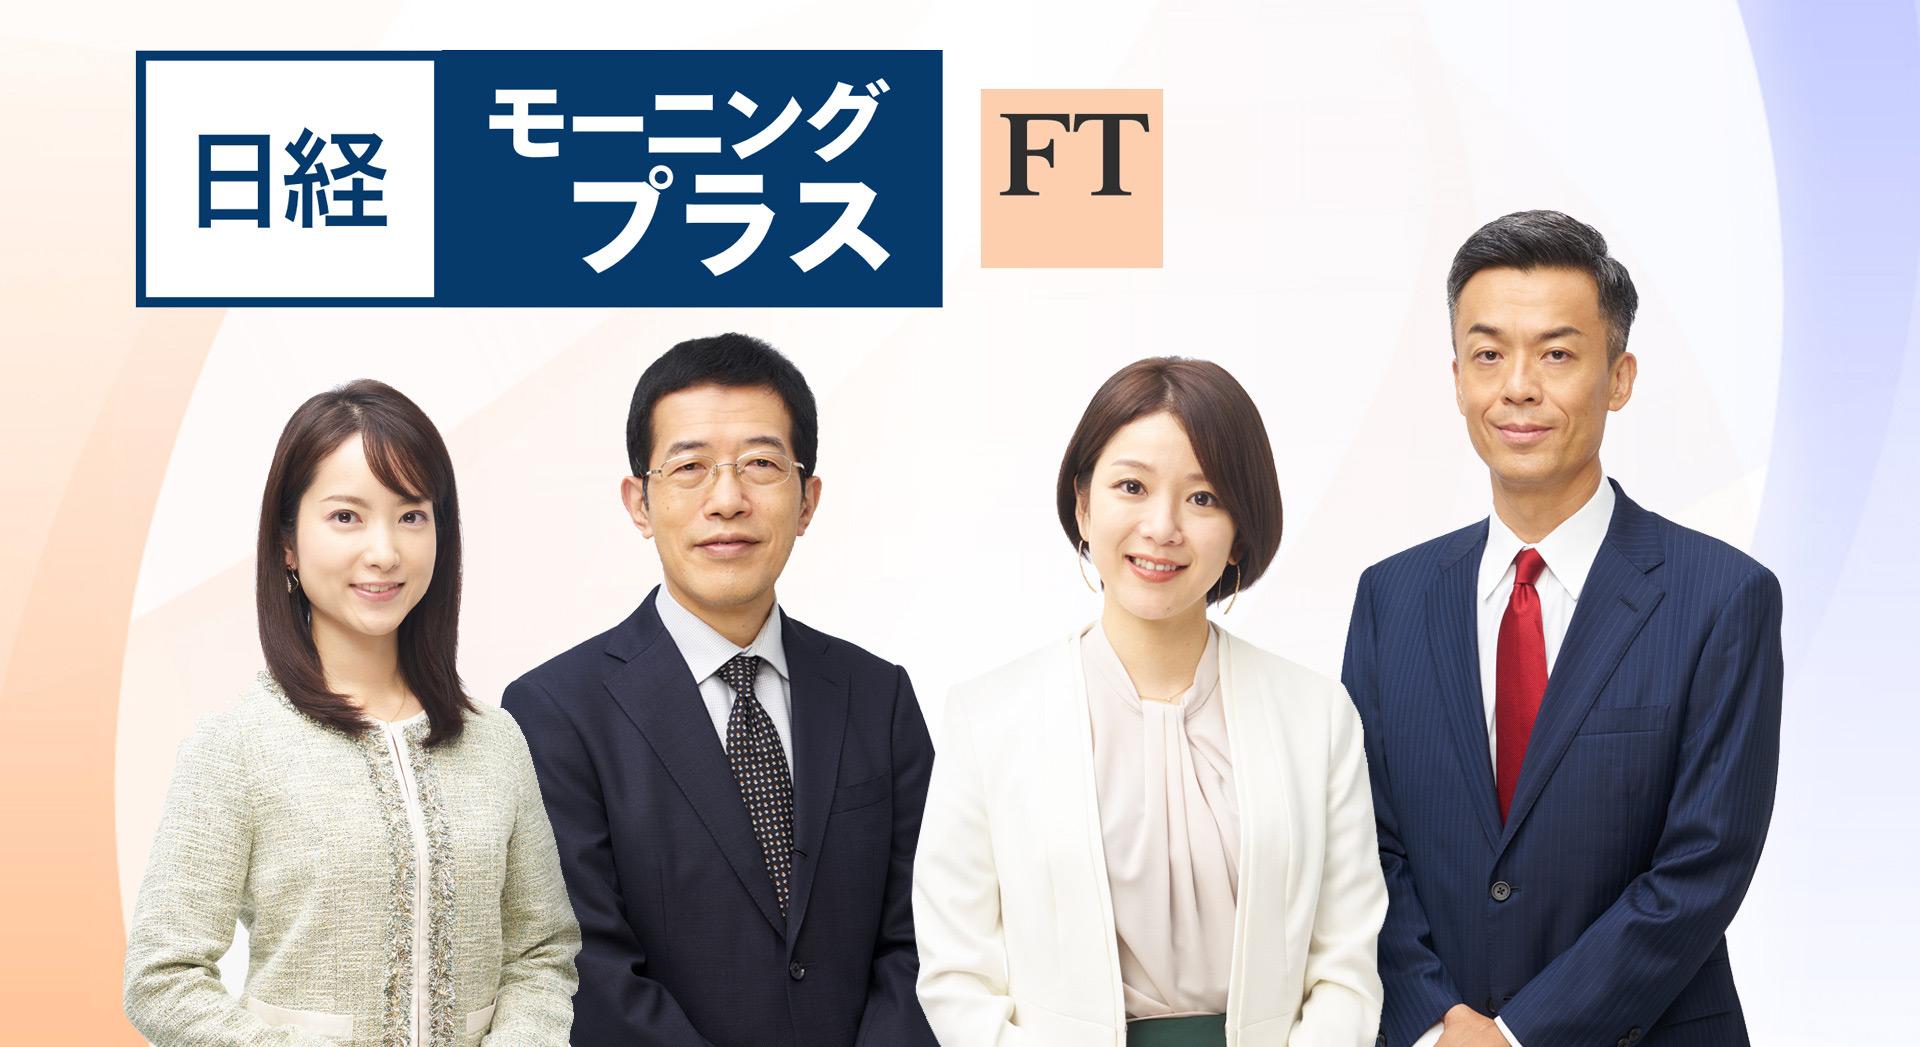 無料テレビで日経モープラFTを視聴する